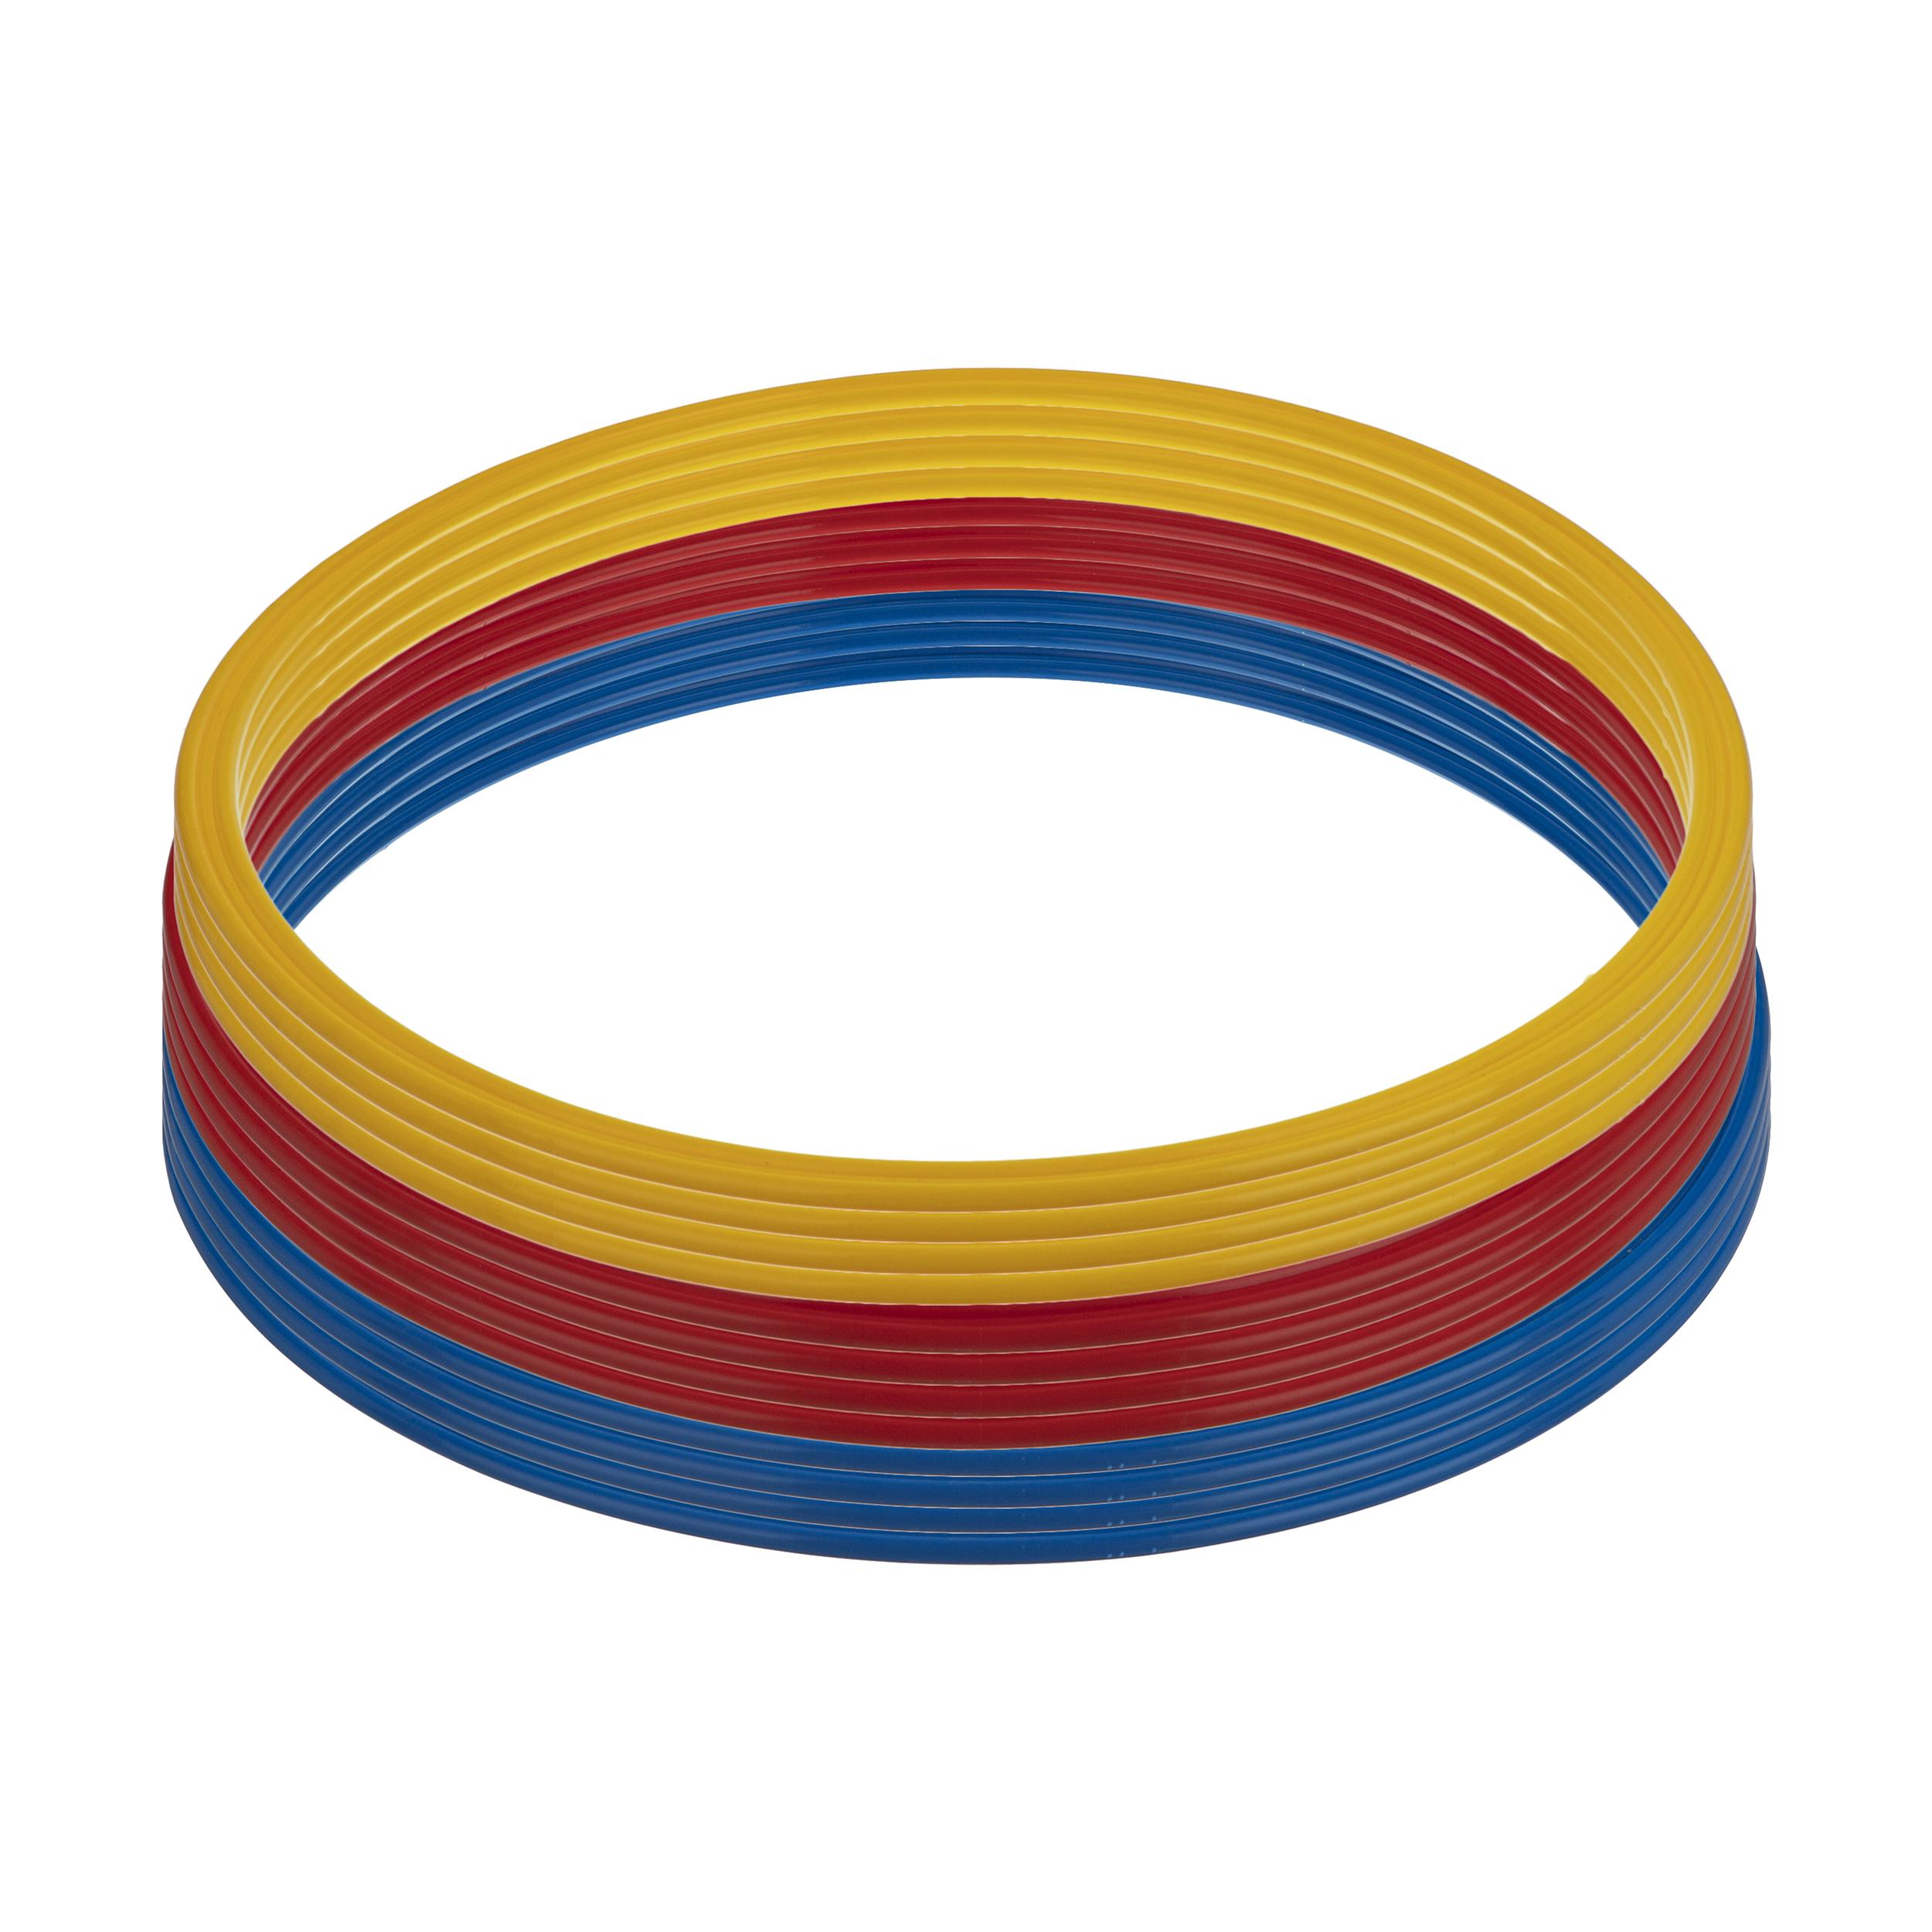 حلقه تمرین فوتبال مدل T100 بسته 12 عددی